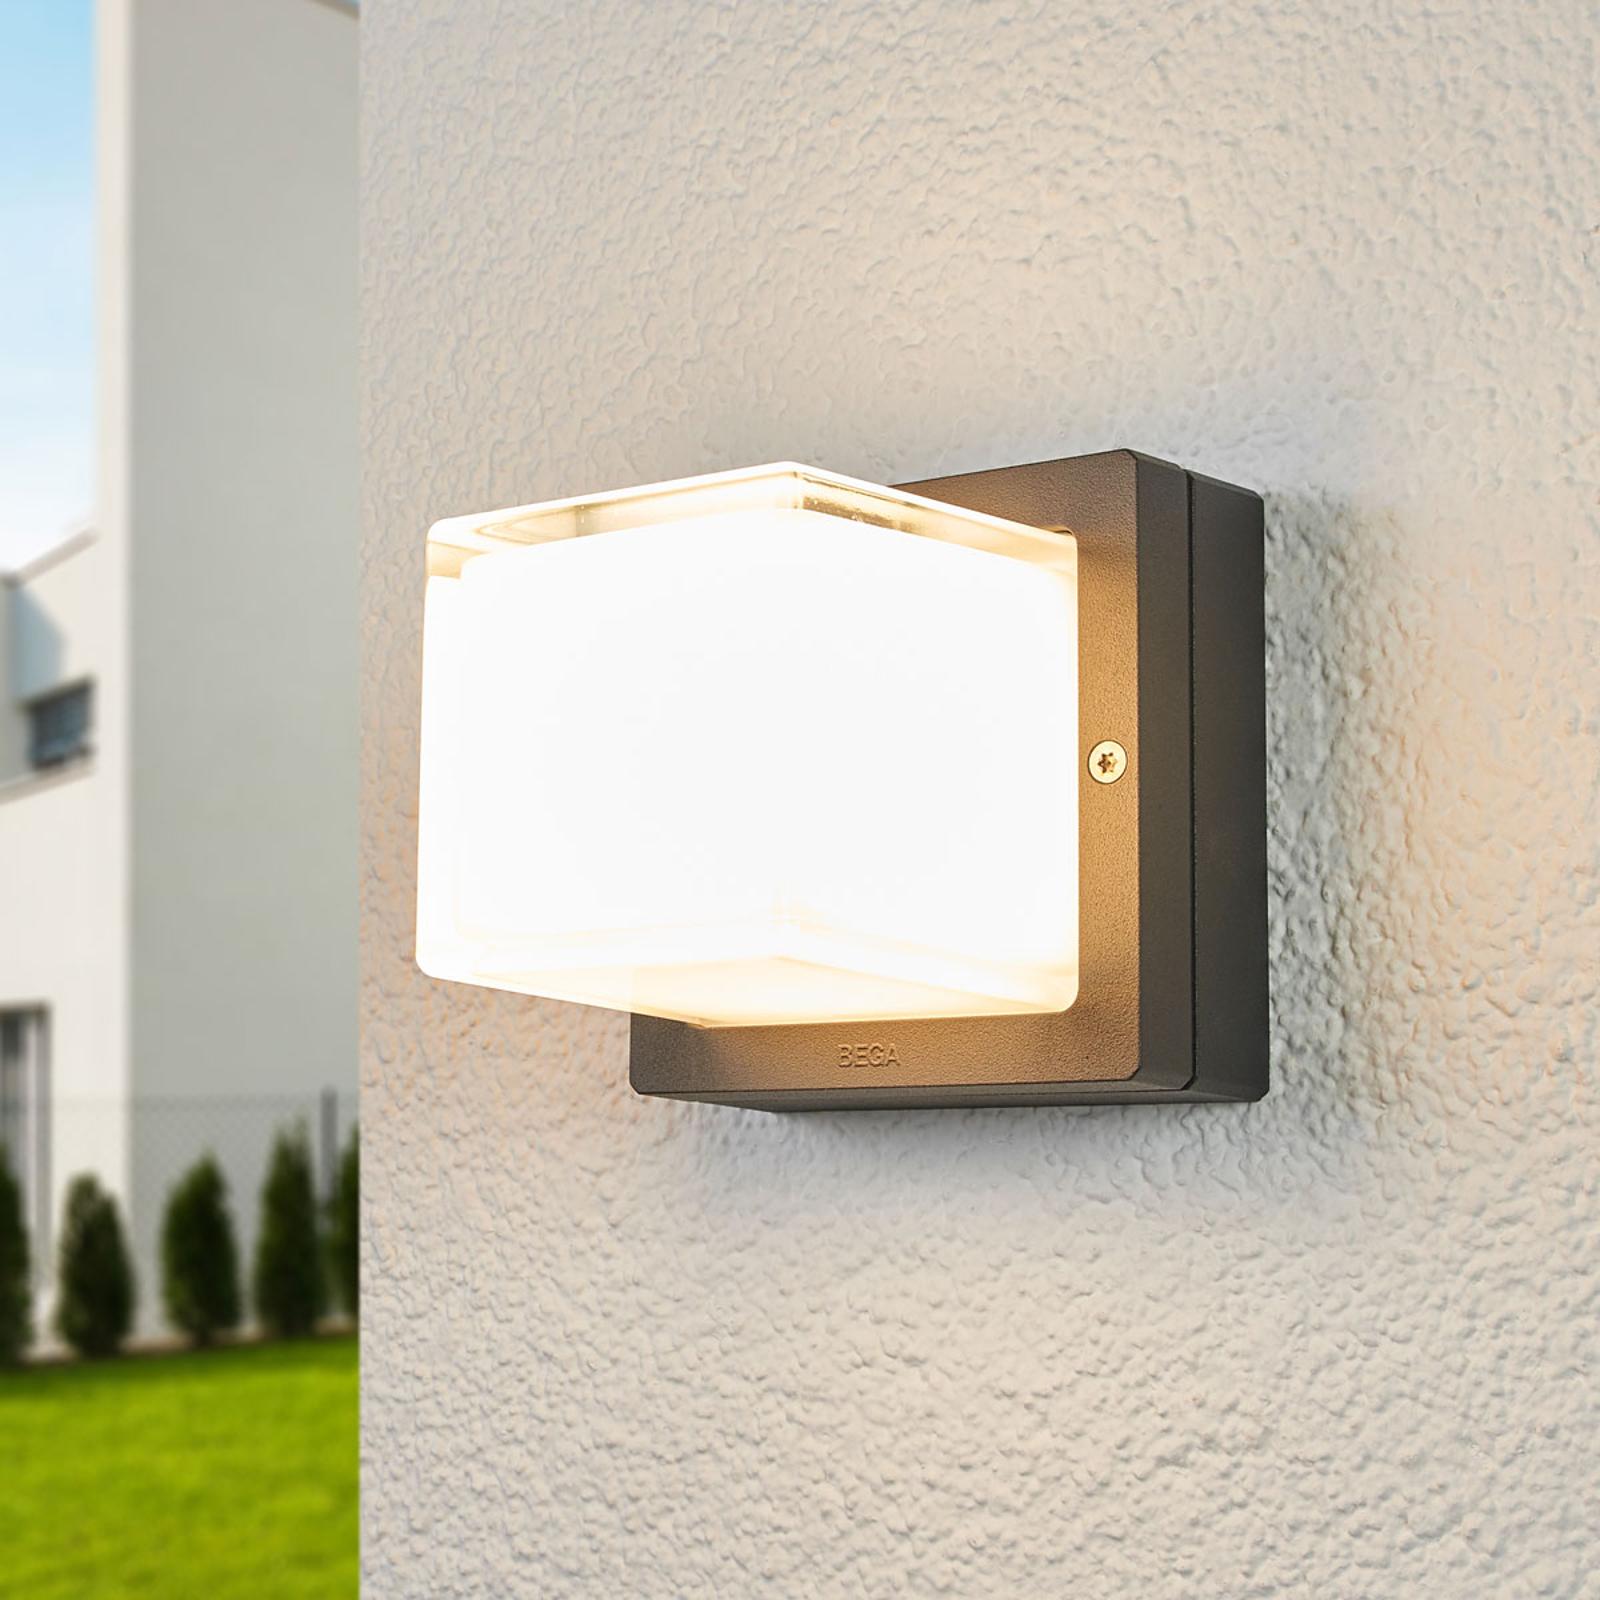 BEGA 22432K3 utendørs LED-vegglampe, grafitt 3000K